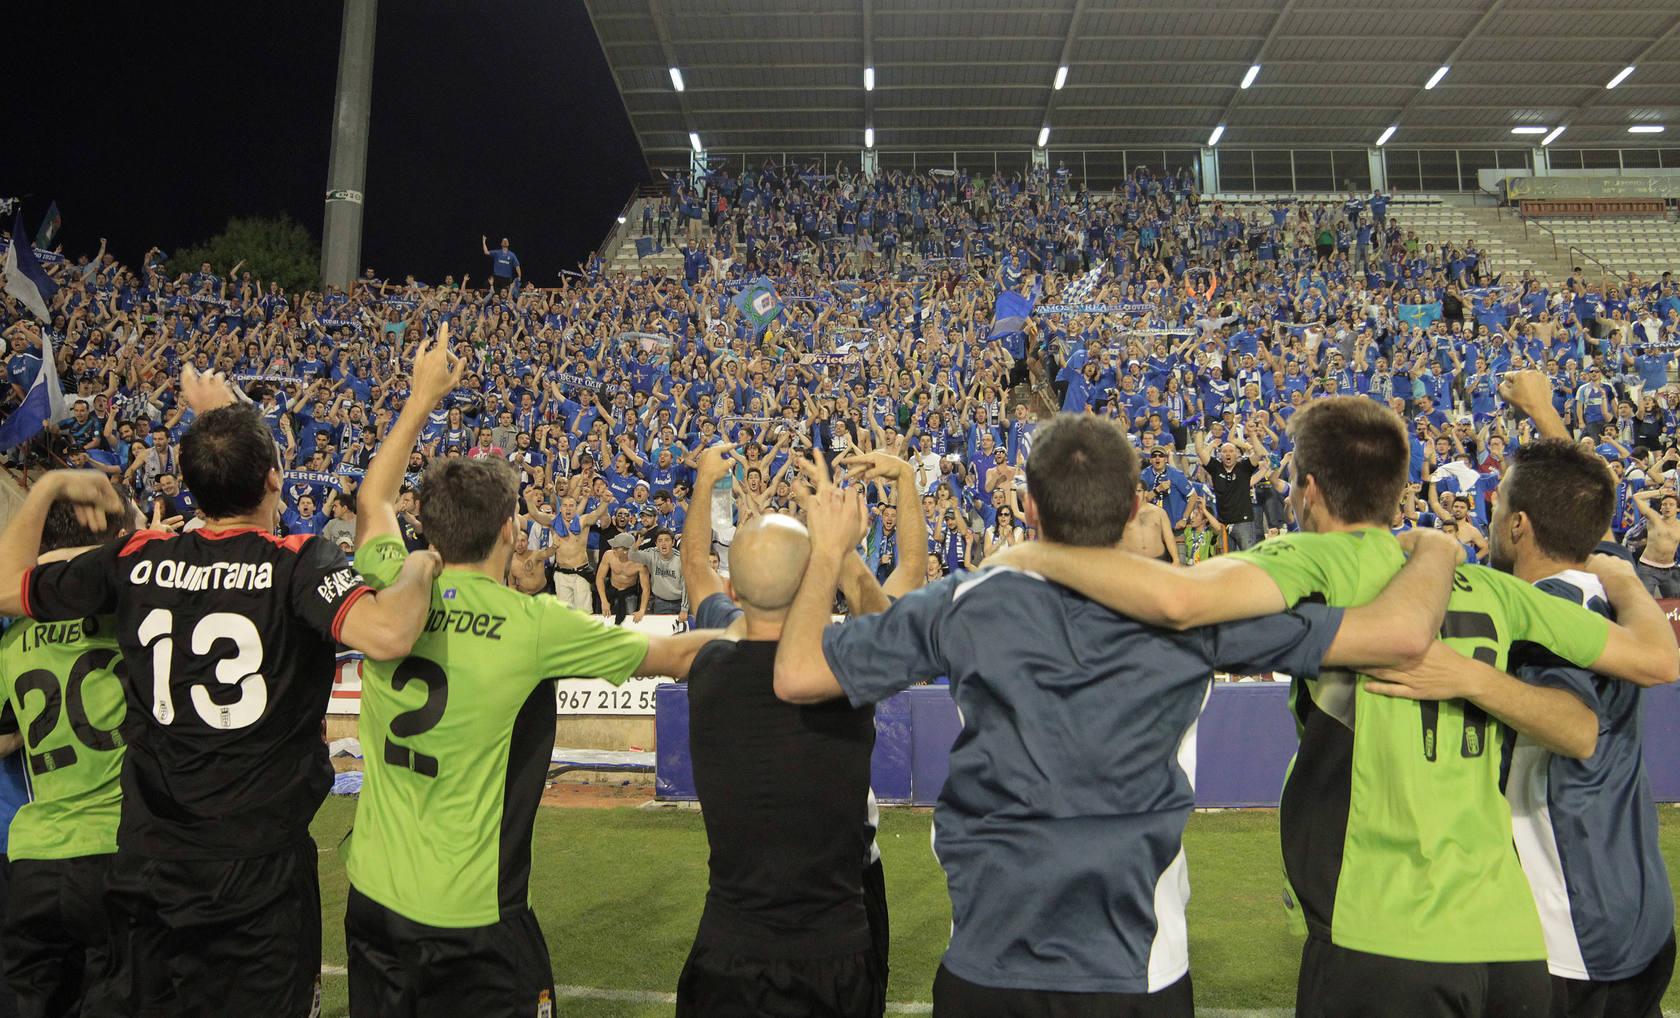 Las mejores imágenes del partido del Oviedo en Albacete